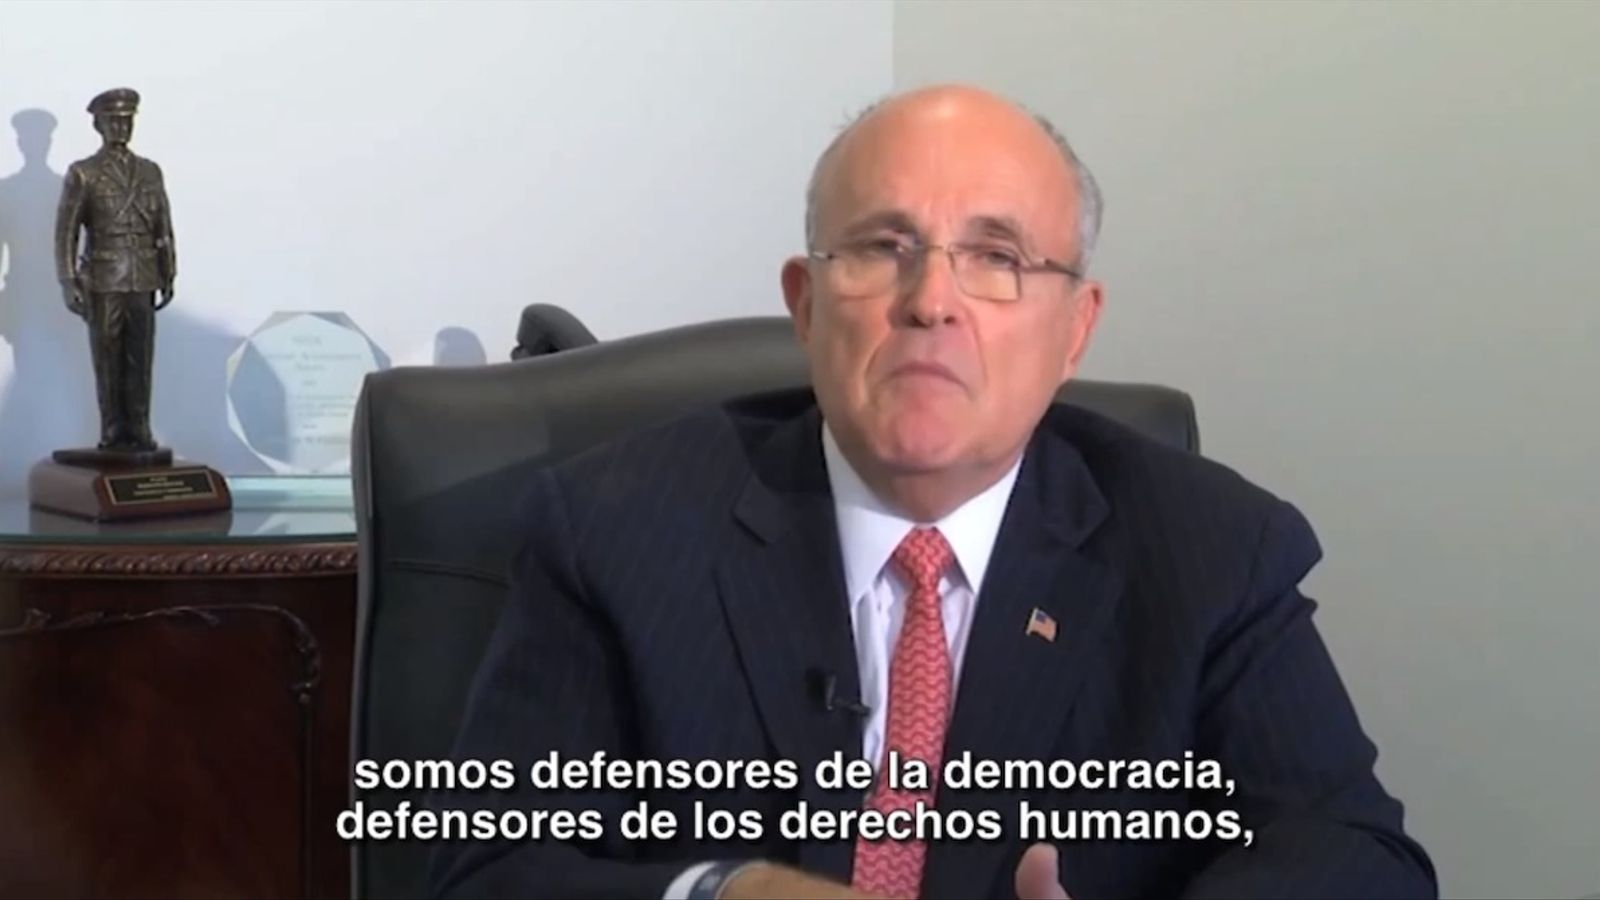 Vídeo de Rudolph Giuliani donant suport a Vidal-Quadras